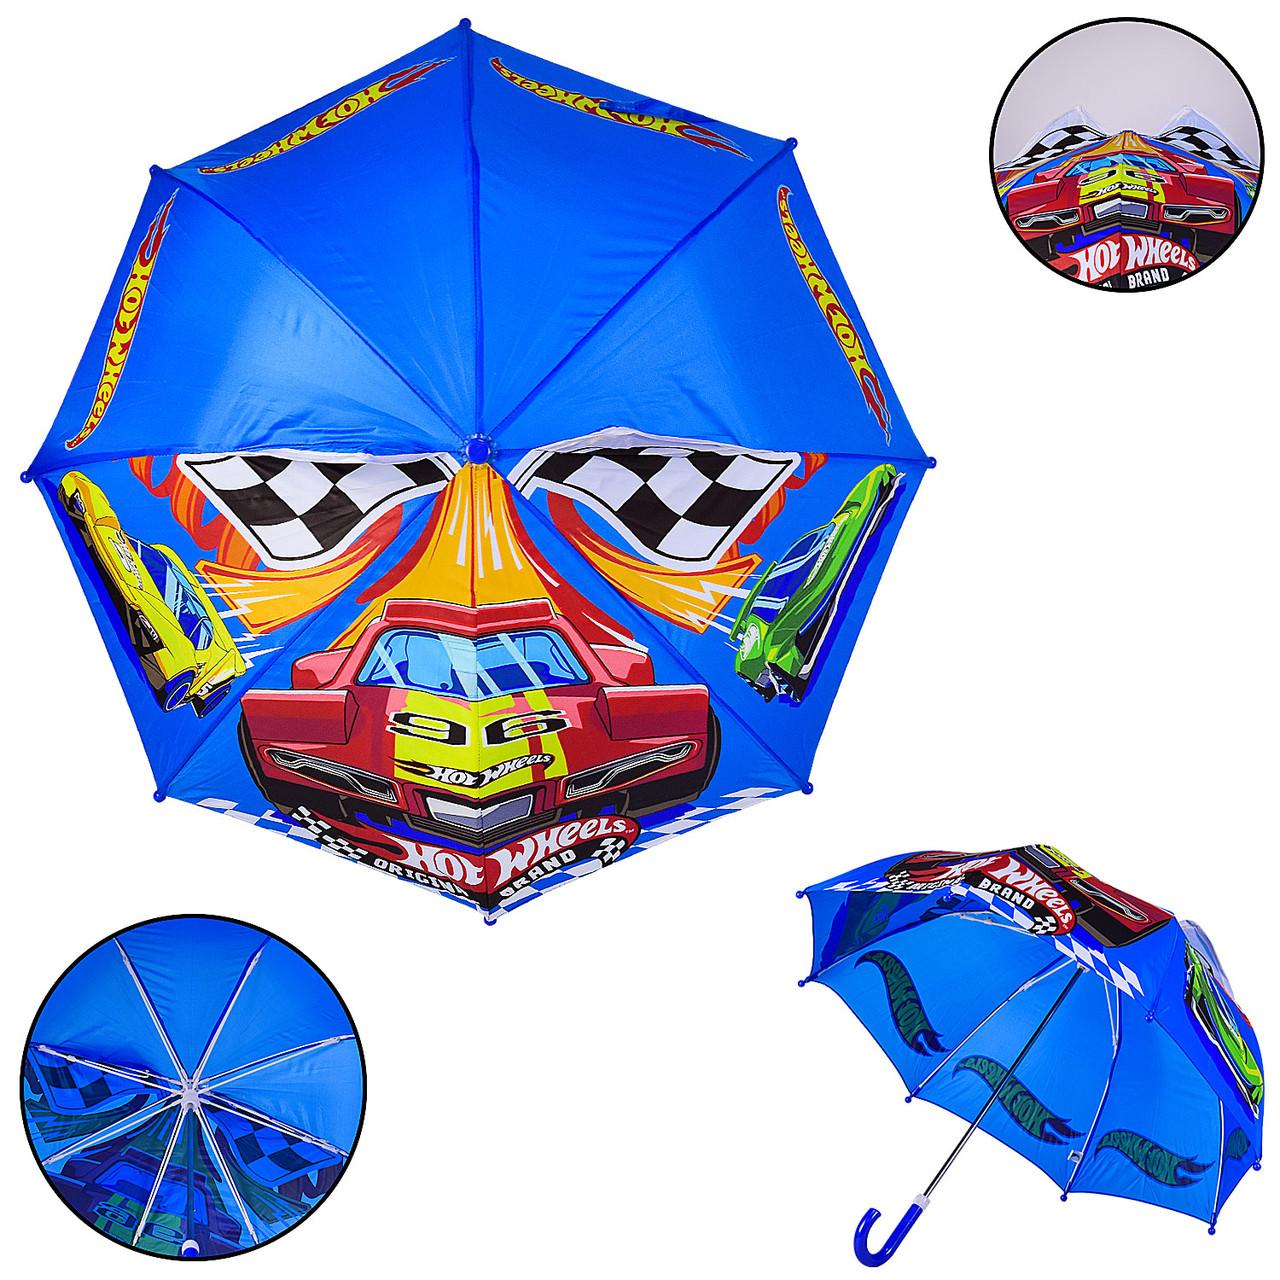 Дитяча парасолька Hot Wheels PL8207  (60шт) полиэстер, р-р трости – 59 см, диаметр в раскрытом виде – 70